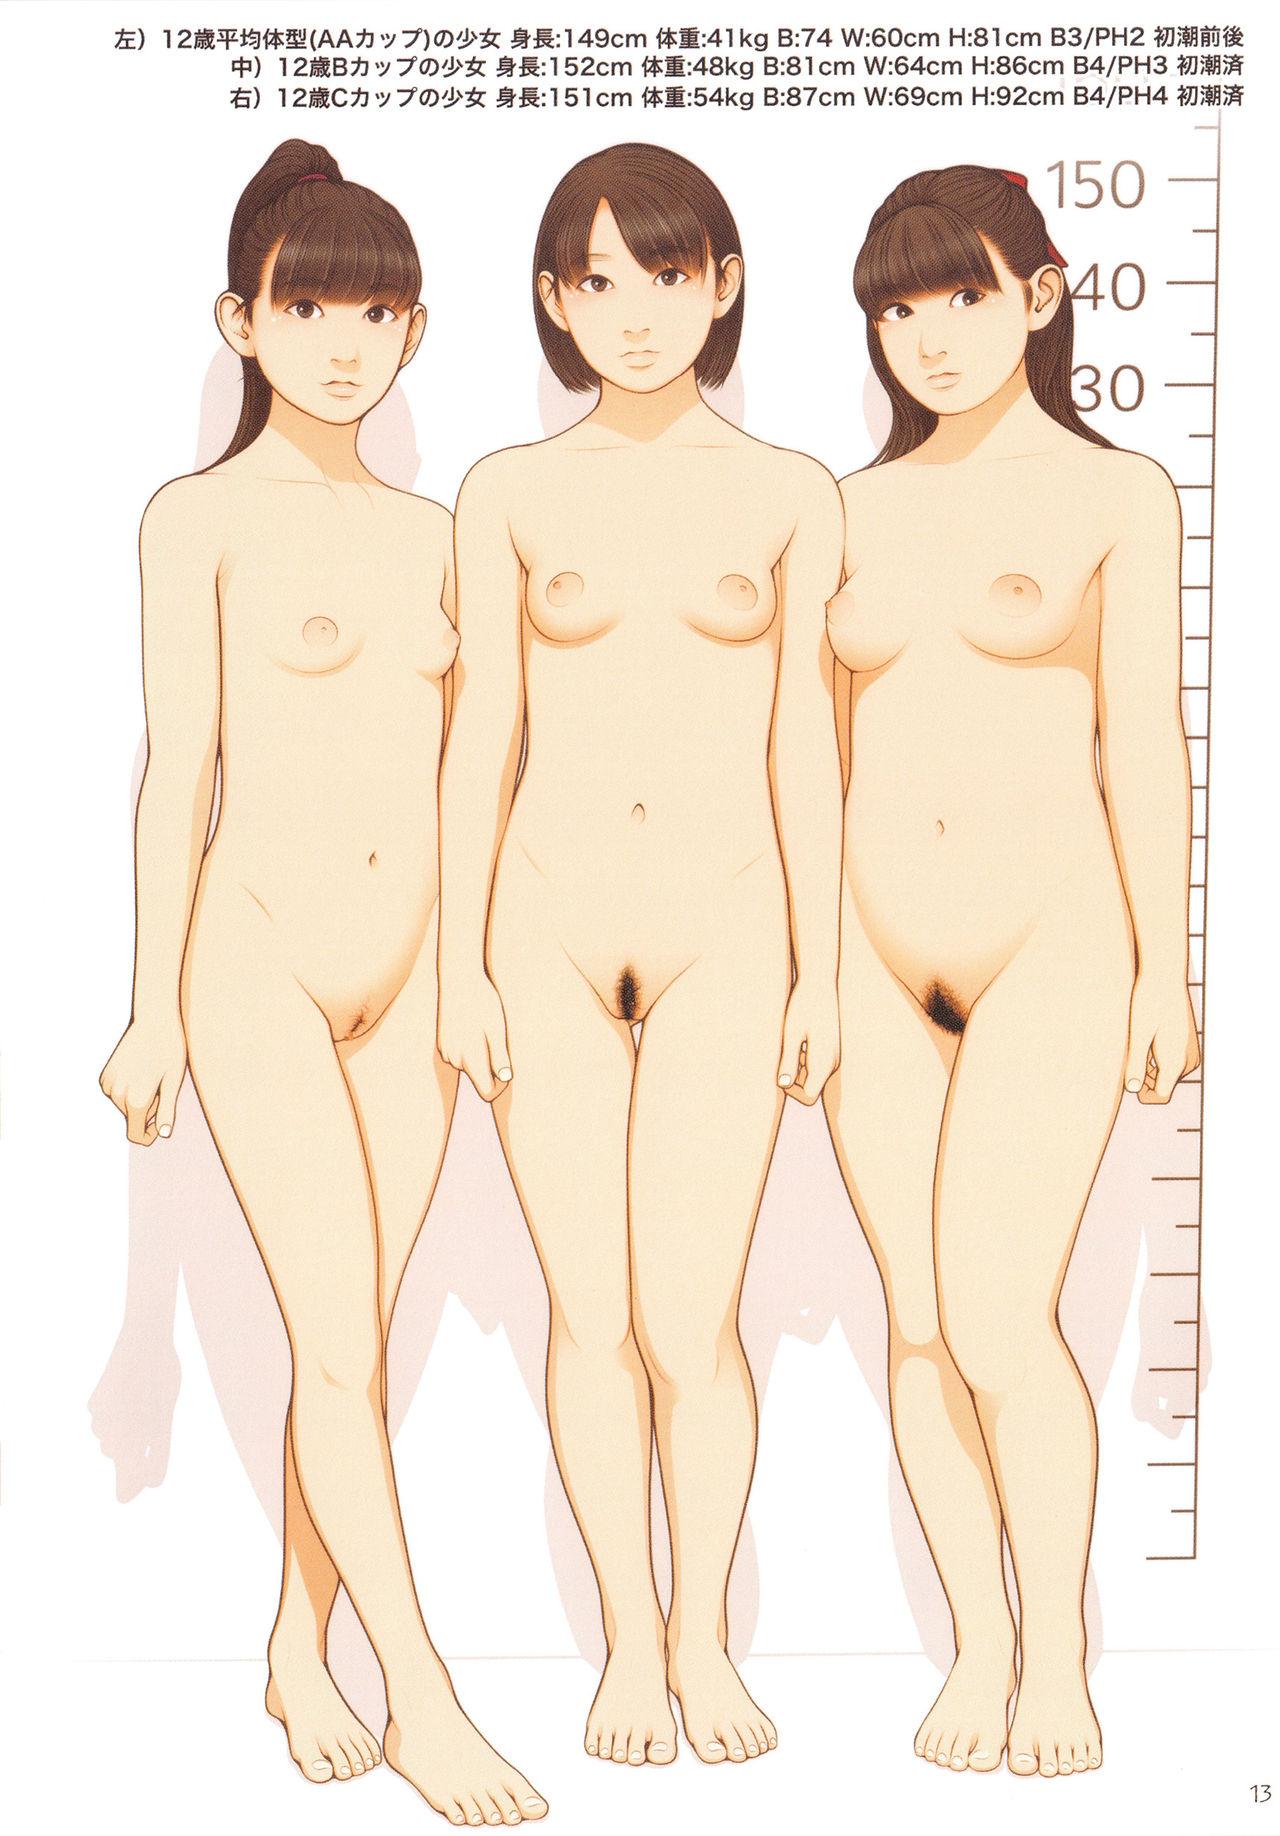 静岡純子 女子小学生 ヌード img.jpg4.monster